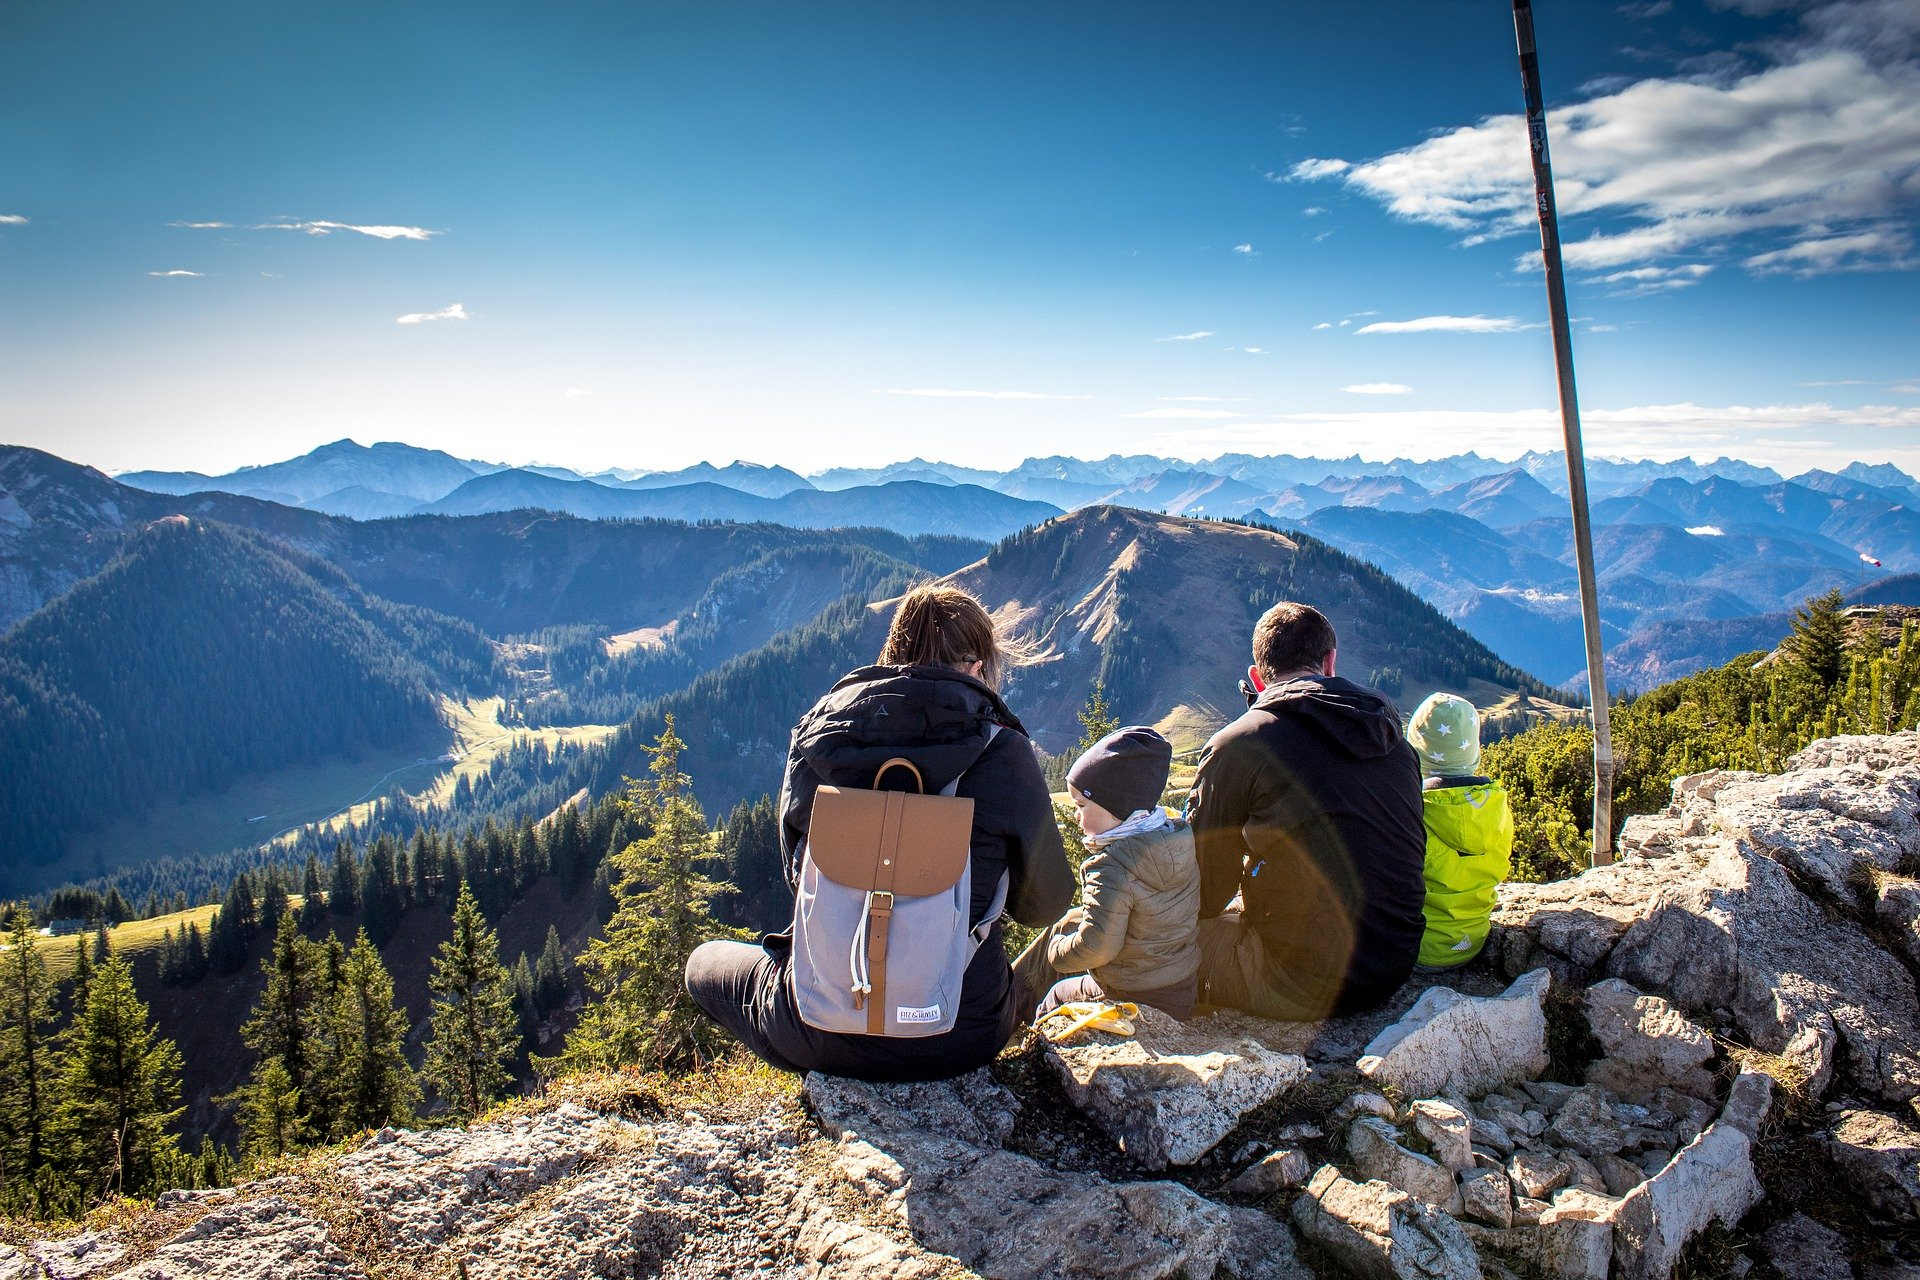 Trekking o hiking ideali con la famiglia